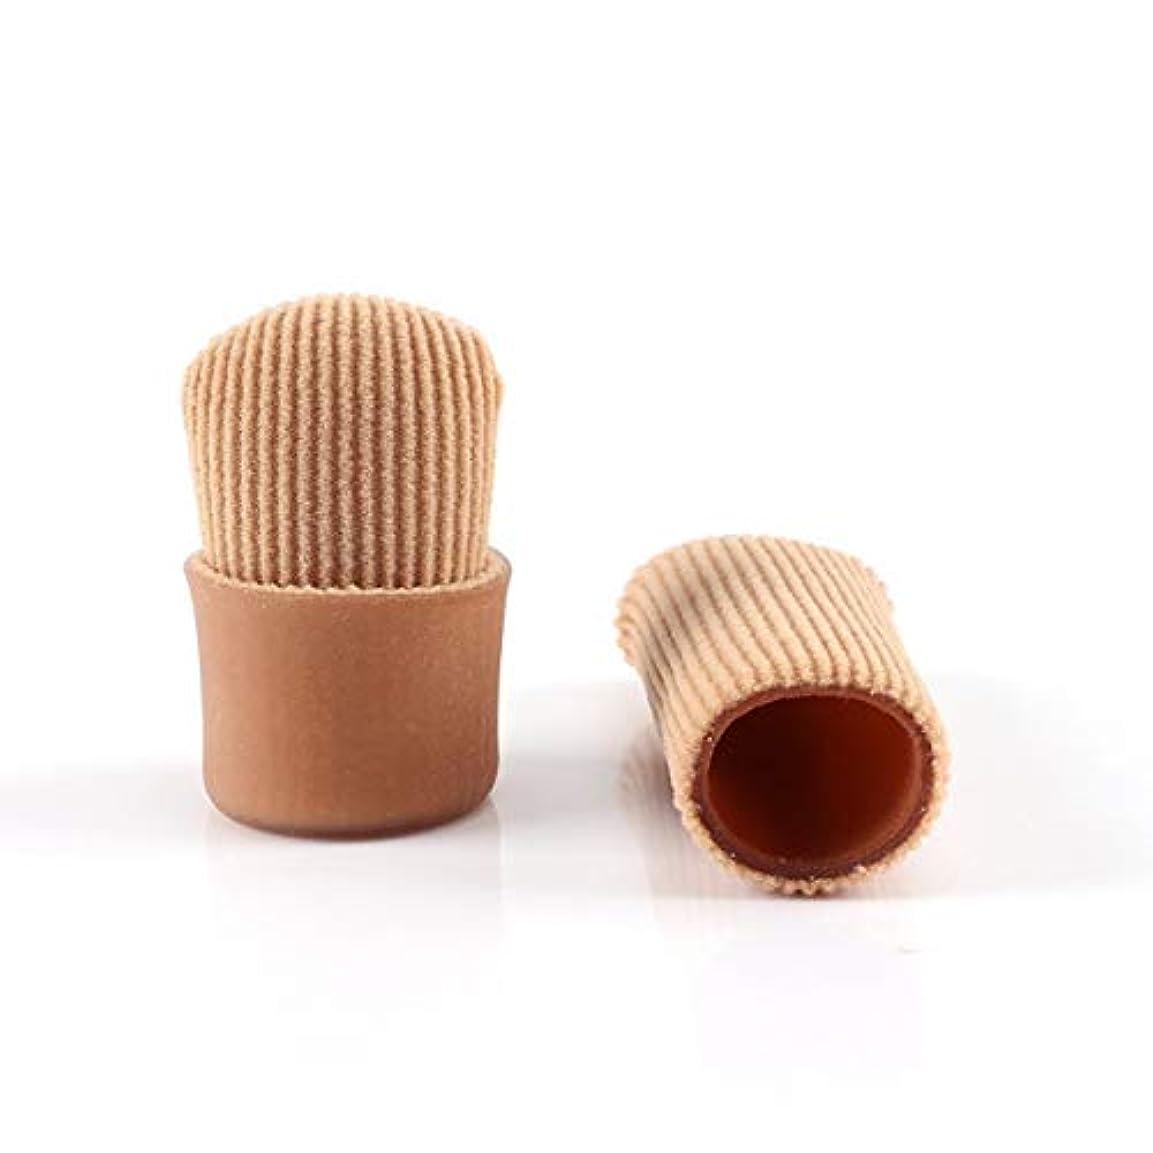 偶然のタック深遠Open Toe Tubes Gel Lined Fabric Sleeve Protectors To Prevent Corns, Calluses And Blisters While Softening Soothing...